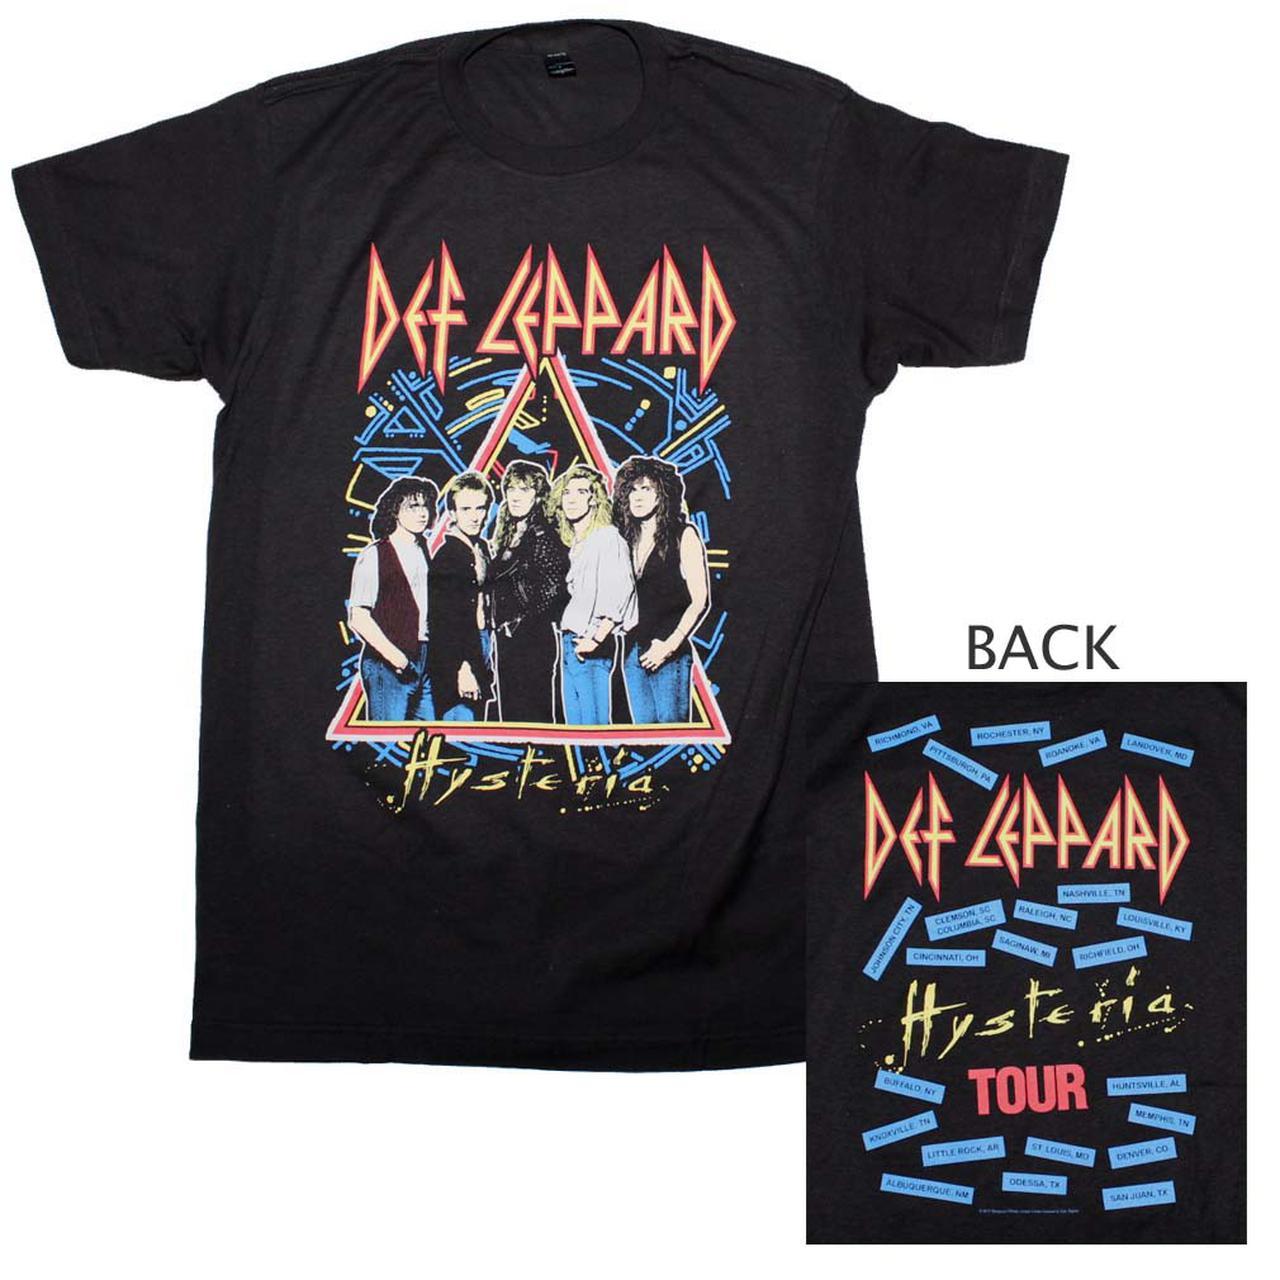 Def Leppard Hysteria Shirts : def leppard t shirt def leppard hysteria tour t shirt ~ Russianpoet.info Haus und Dekorationen